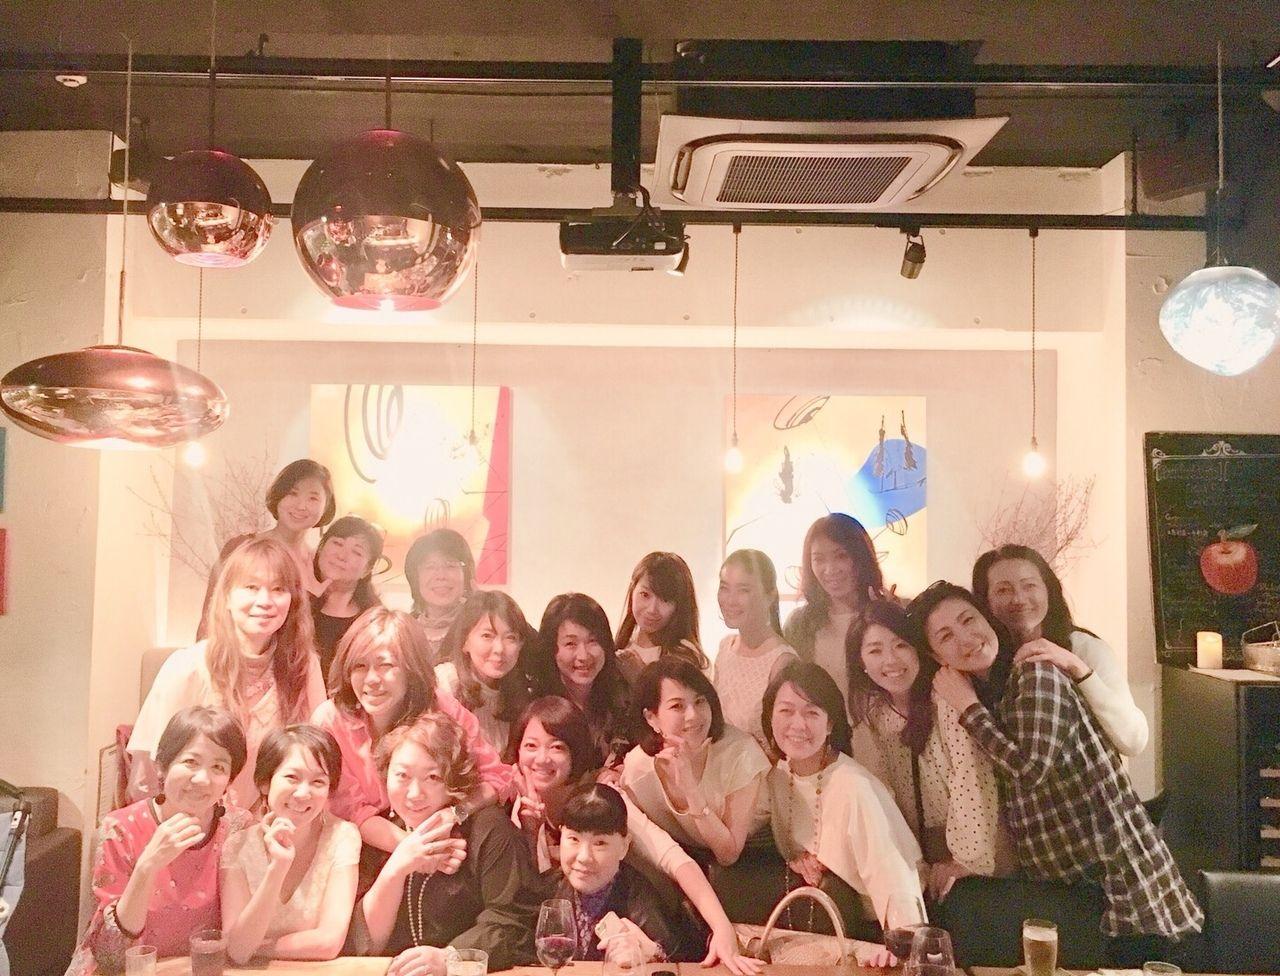 珍獣会レポート第28回目 東京都品川 Strongersuits ストロンガースーツ 女性の自立 起業 セミナー コーチングを通してアシスト 起業 セミナー 女性 開催